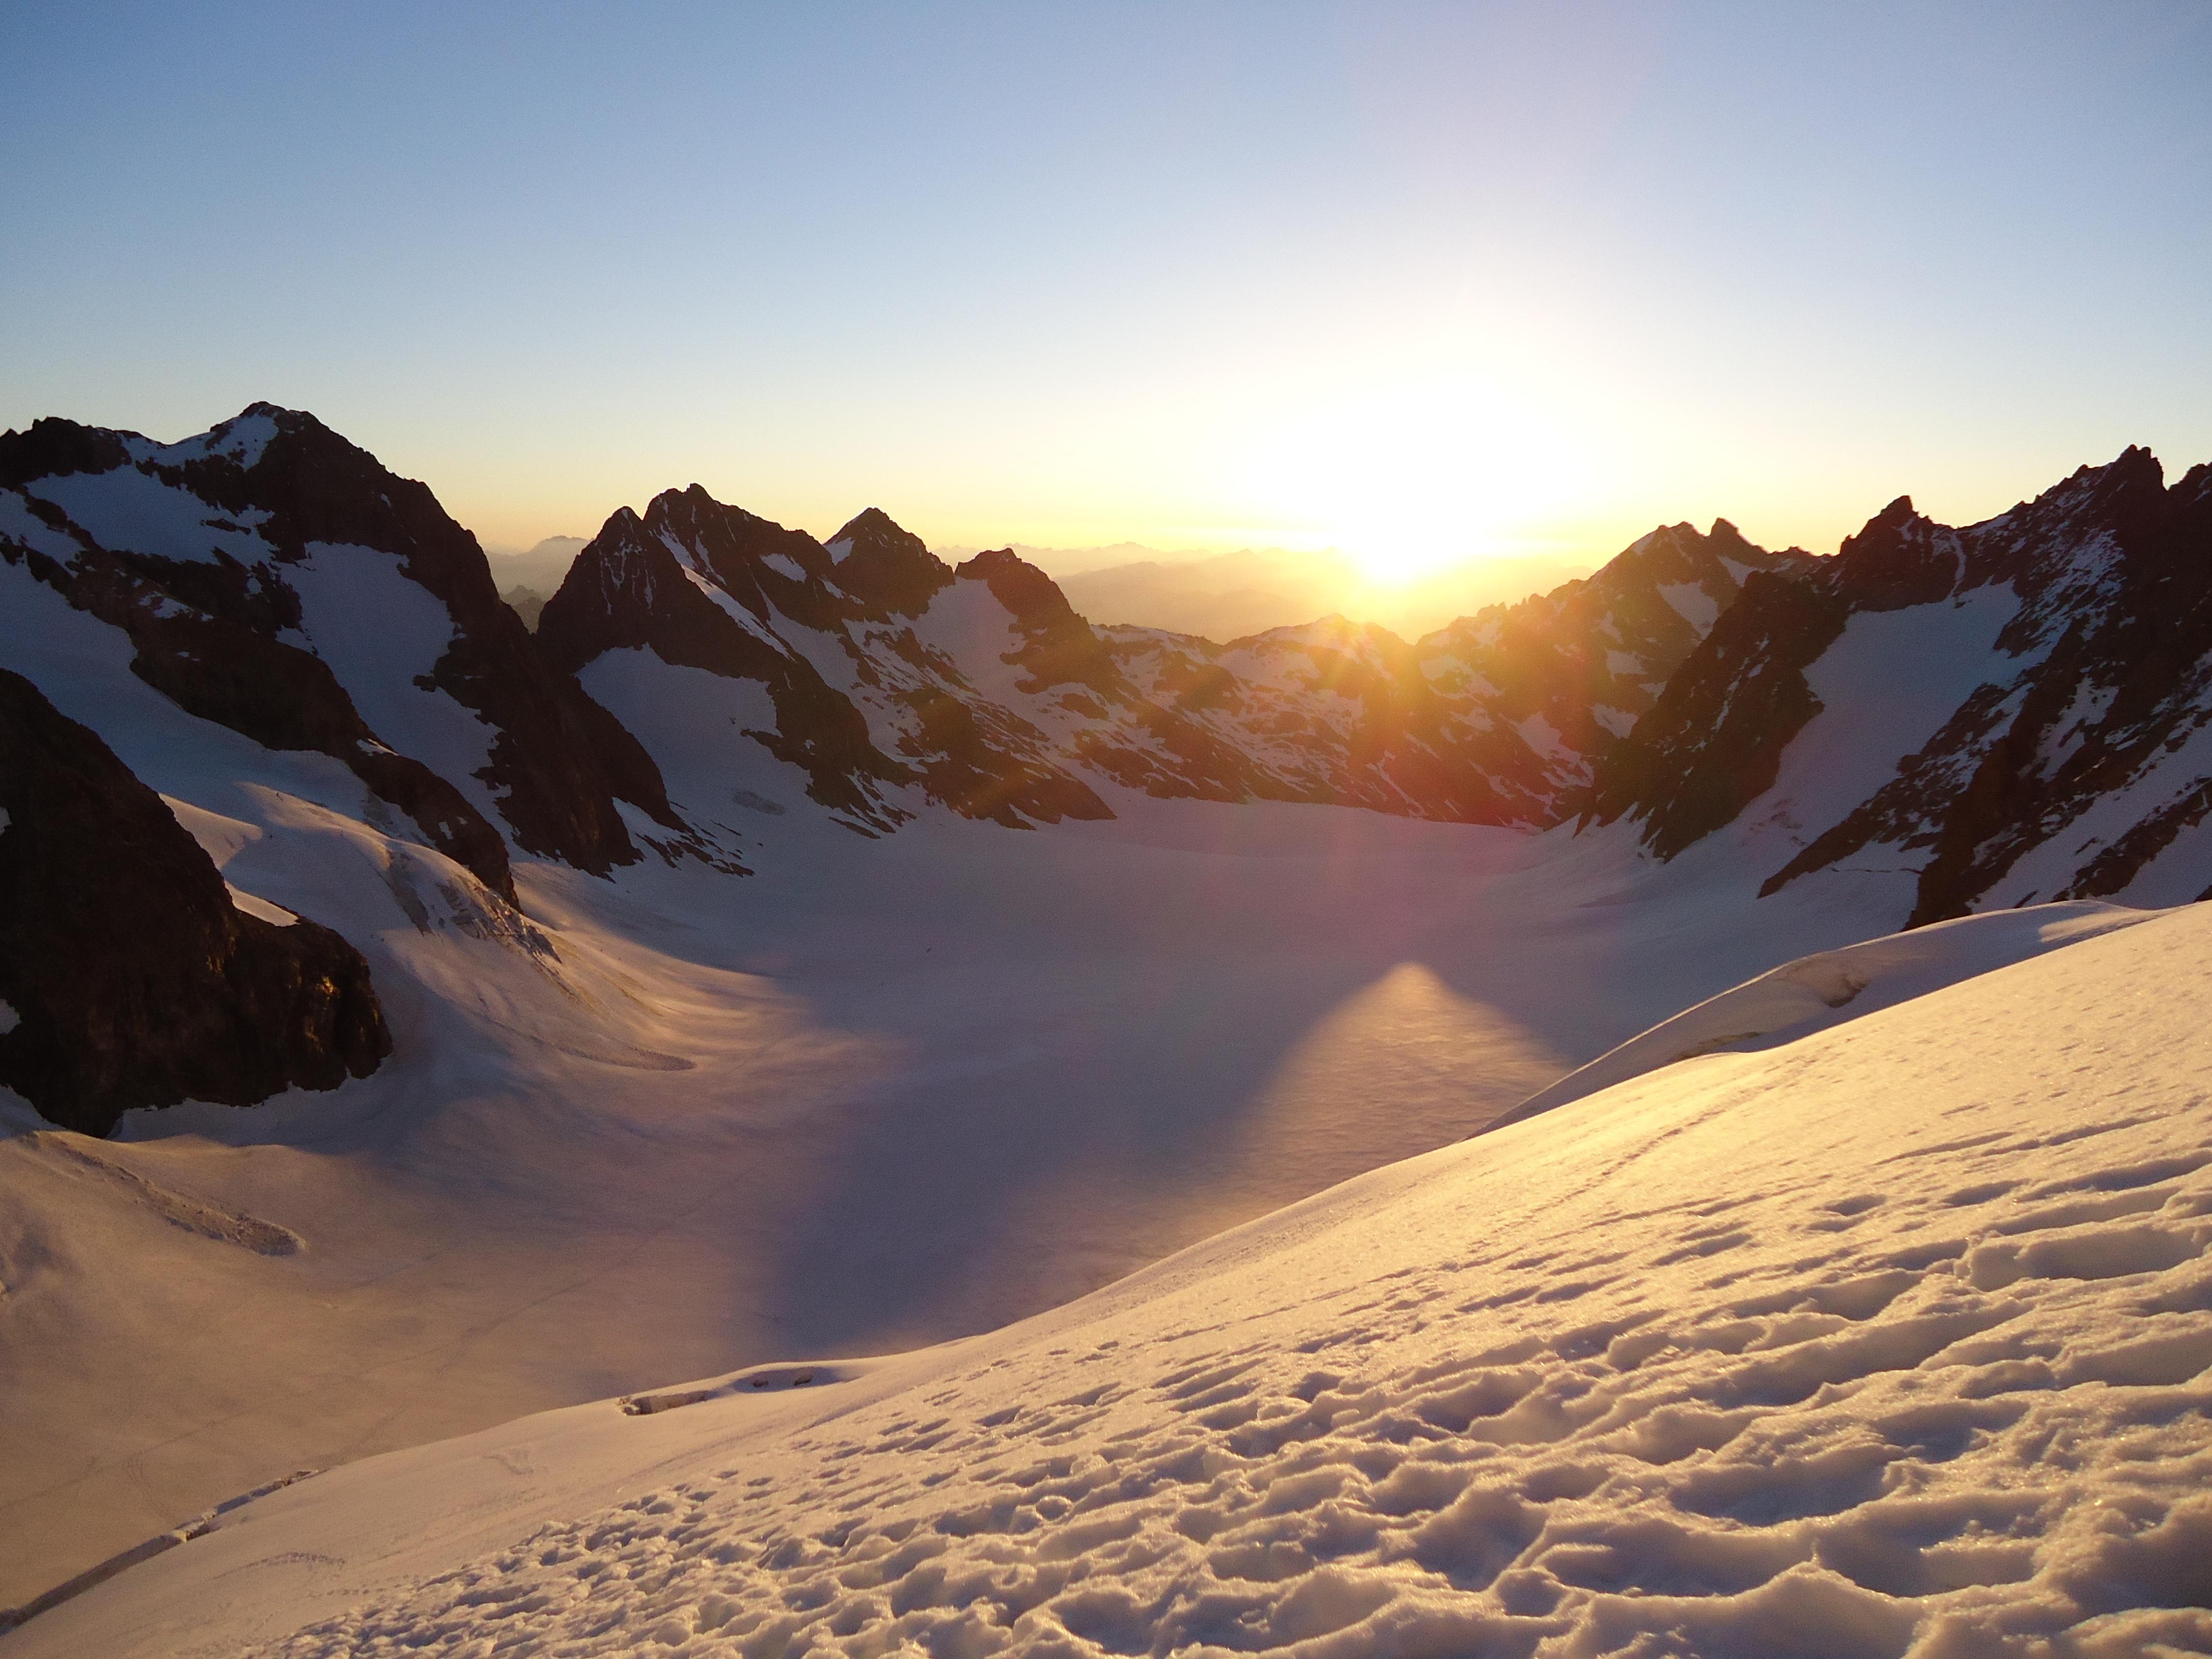 Images gratuites paysage montagne neige hiver nuage lever du soleil le coucher du soleil - Meteo lever et coucher du soleil ...